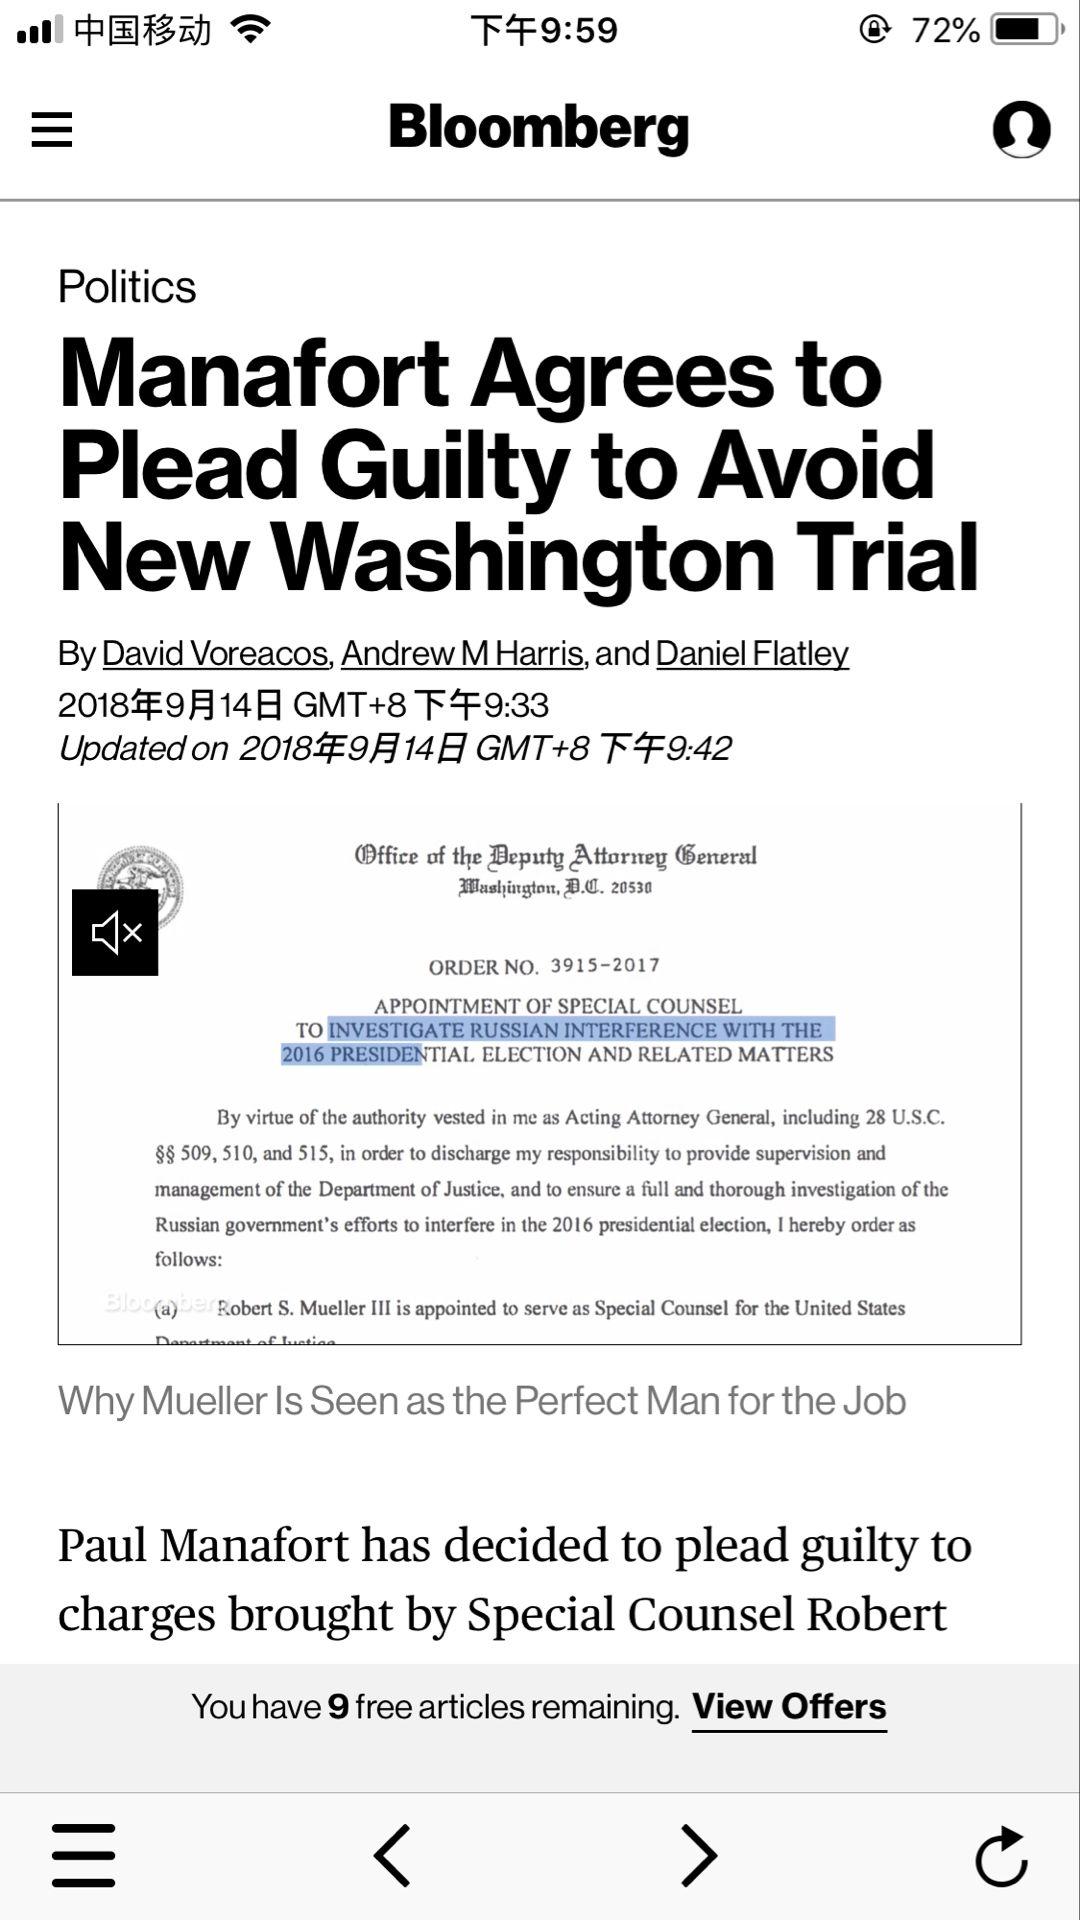 网赚月入十万:特朗普前竞选团队主席马纳福特在法院认罪,承认针对他的两项指控